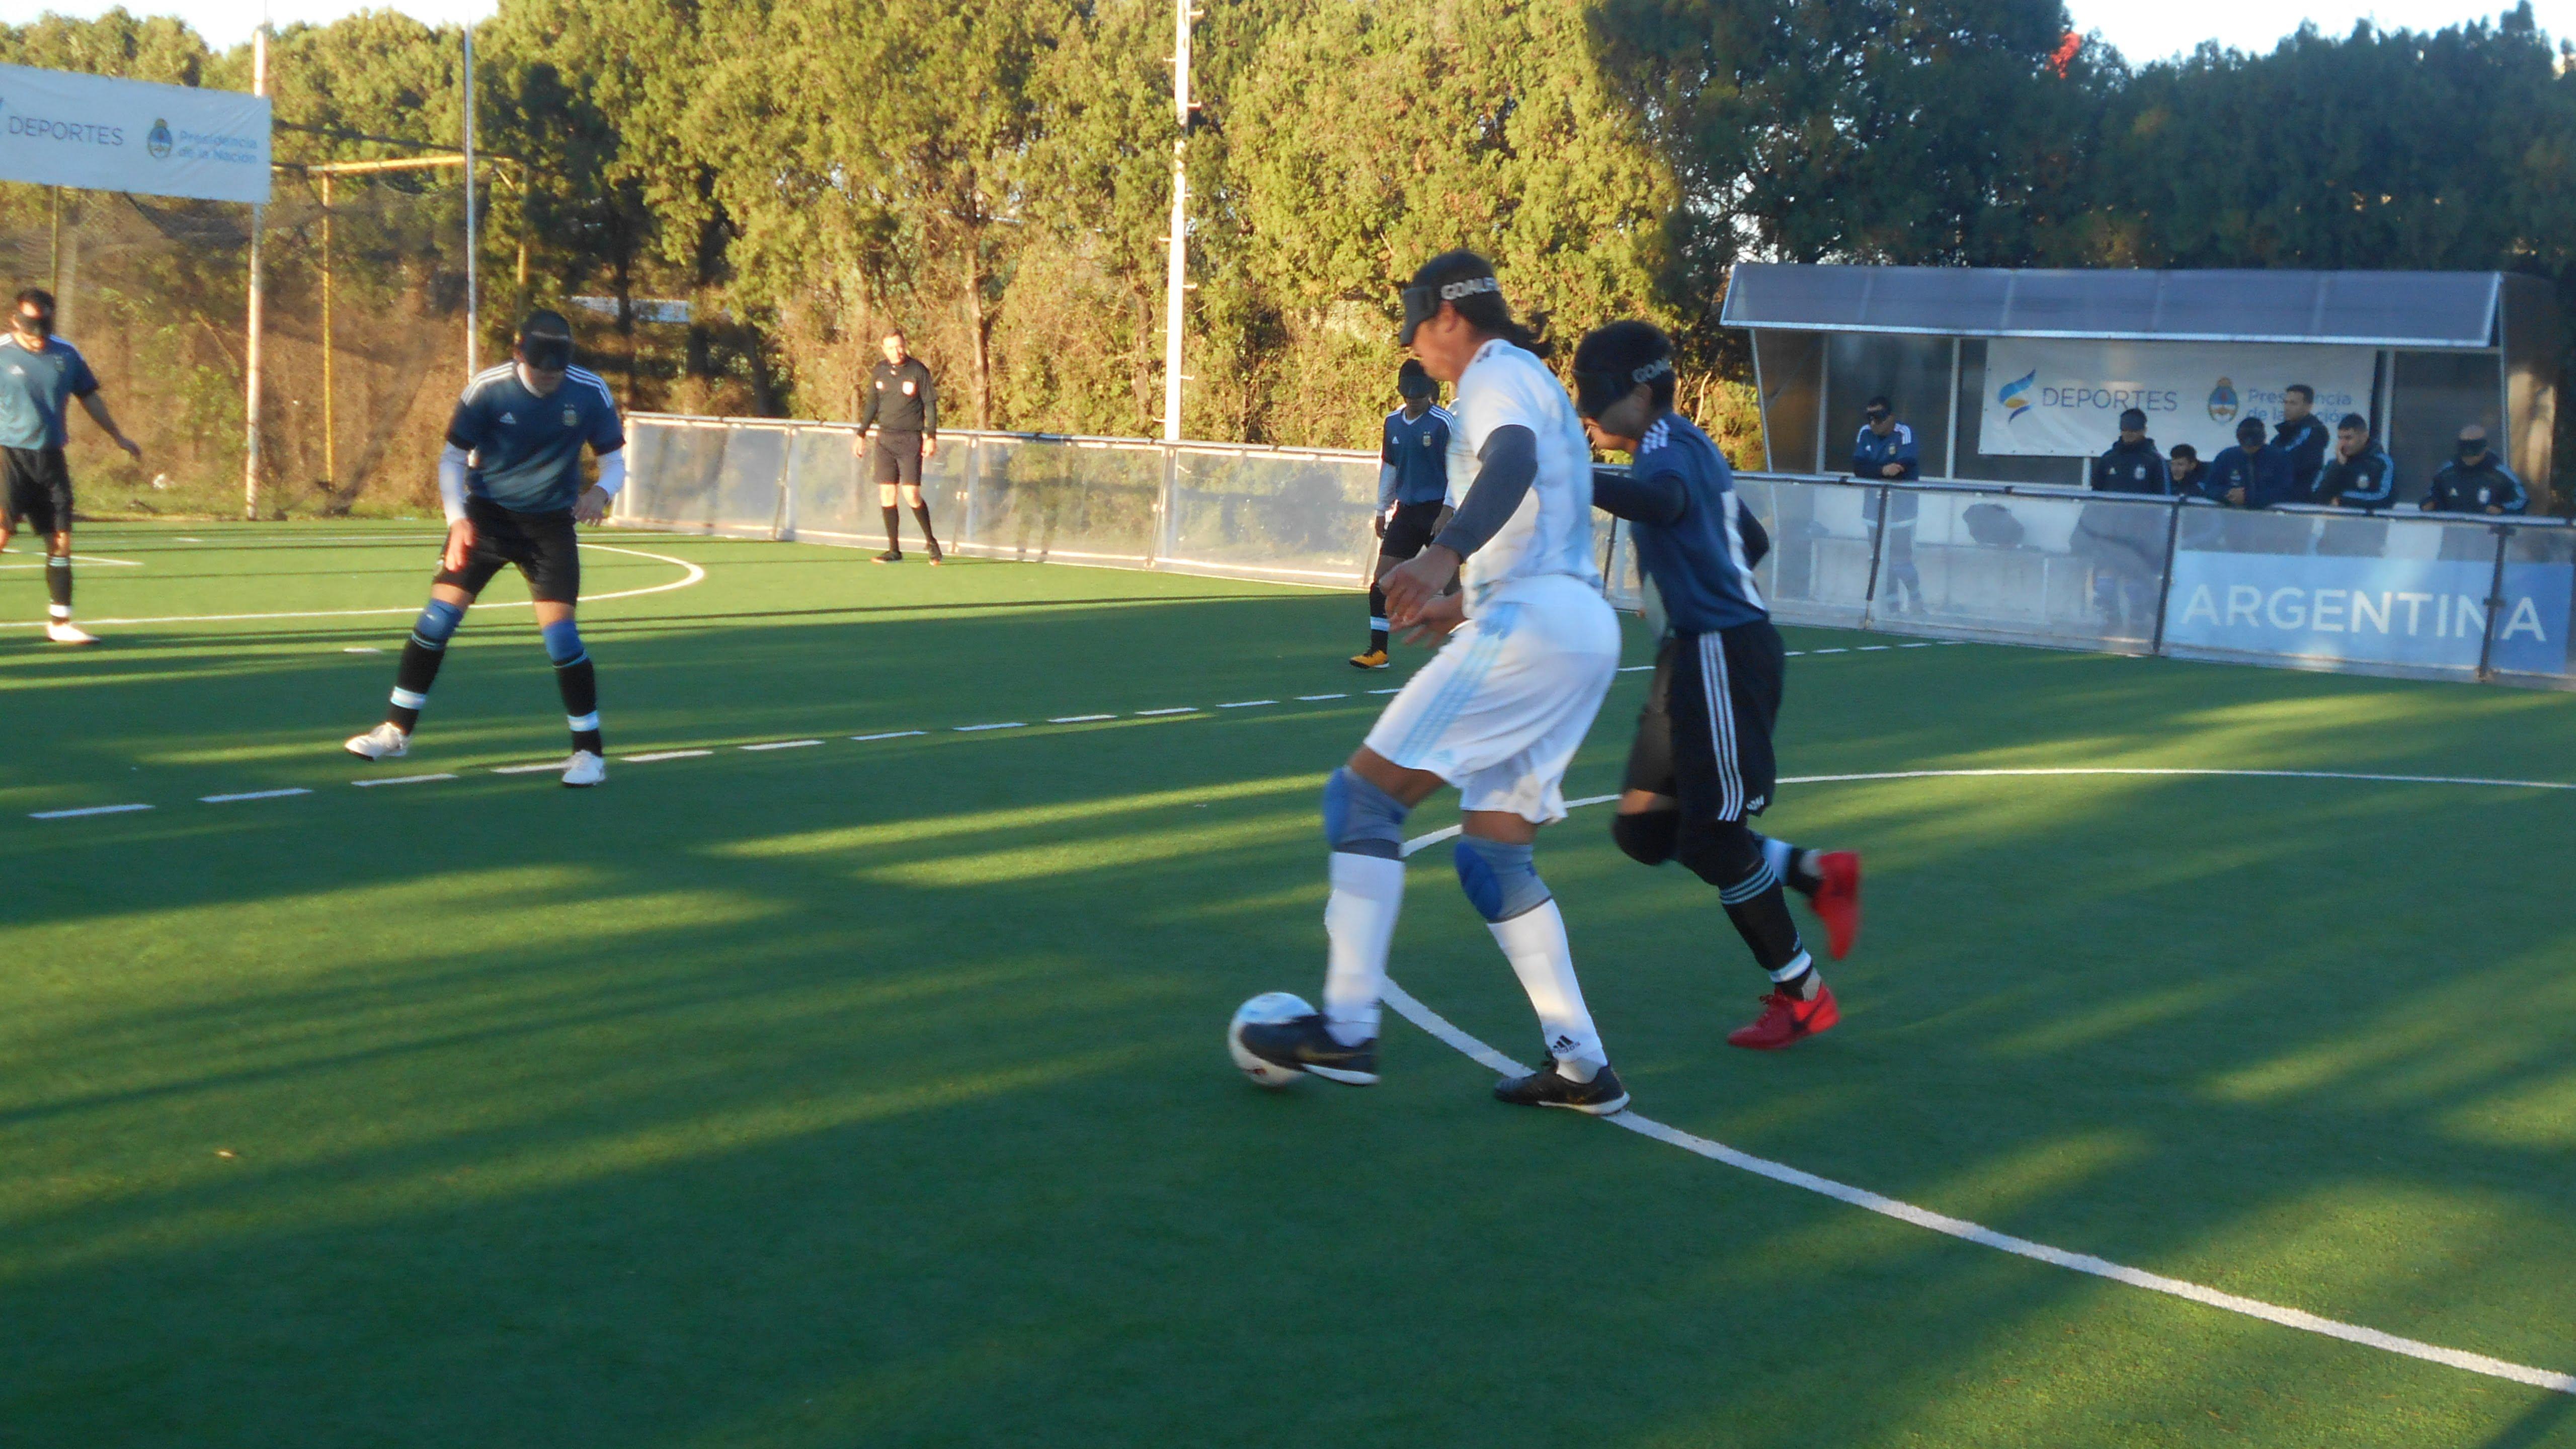 Comenzó la Copa Tango de fútbol para no videntes con la participación de Los Murciélagos